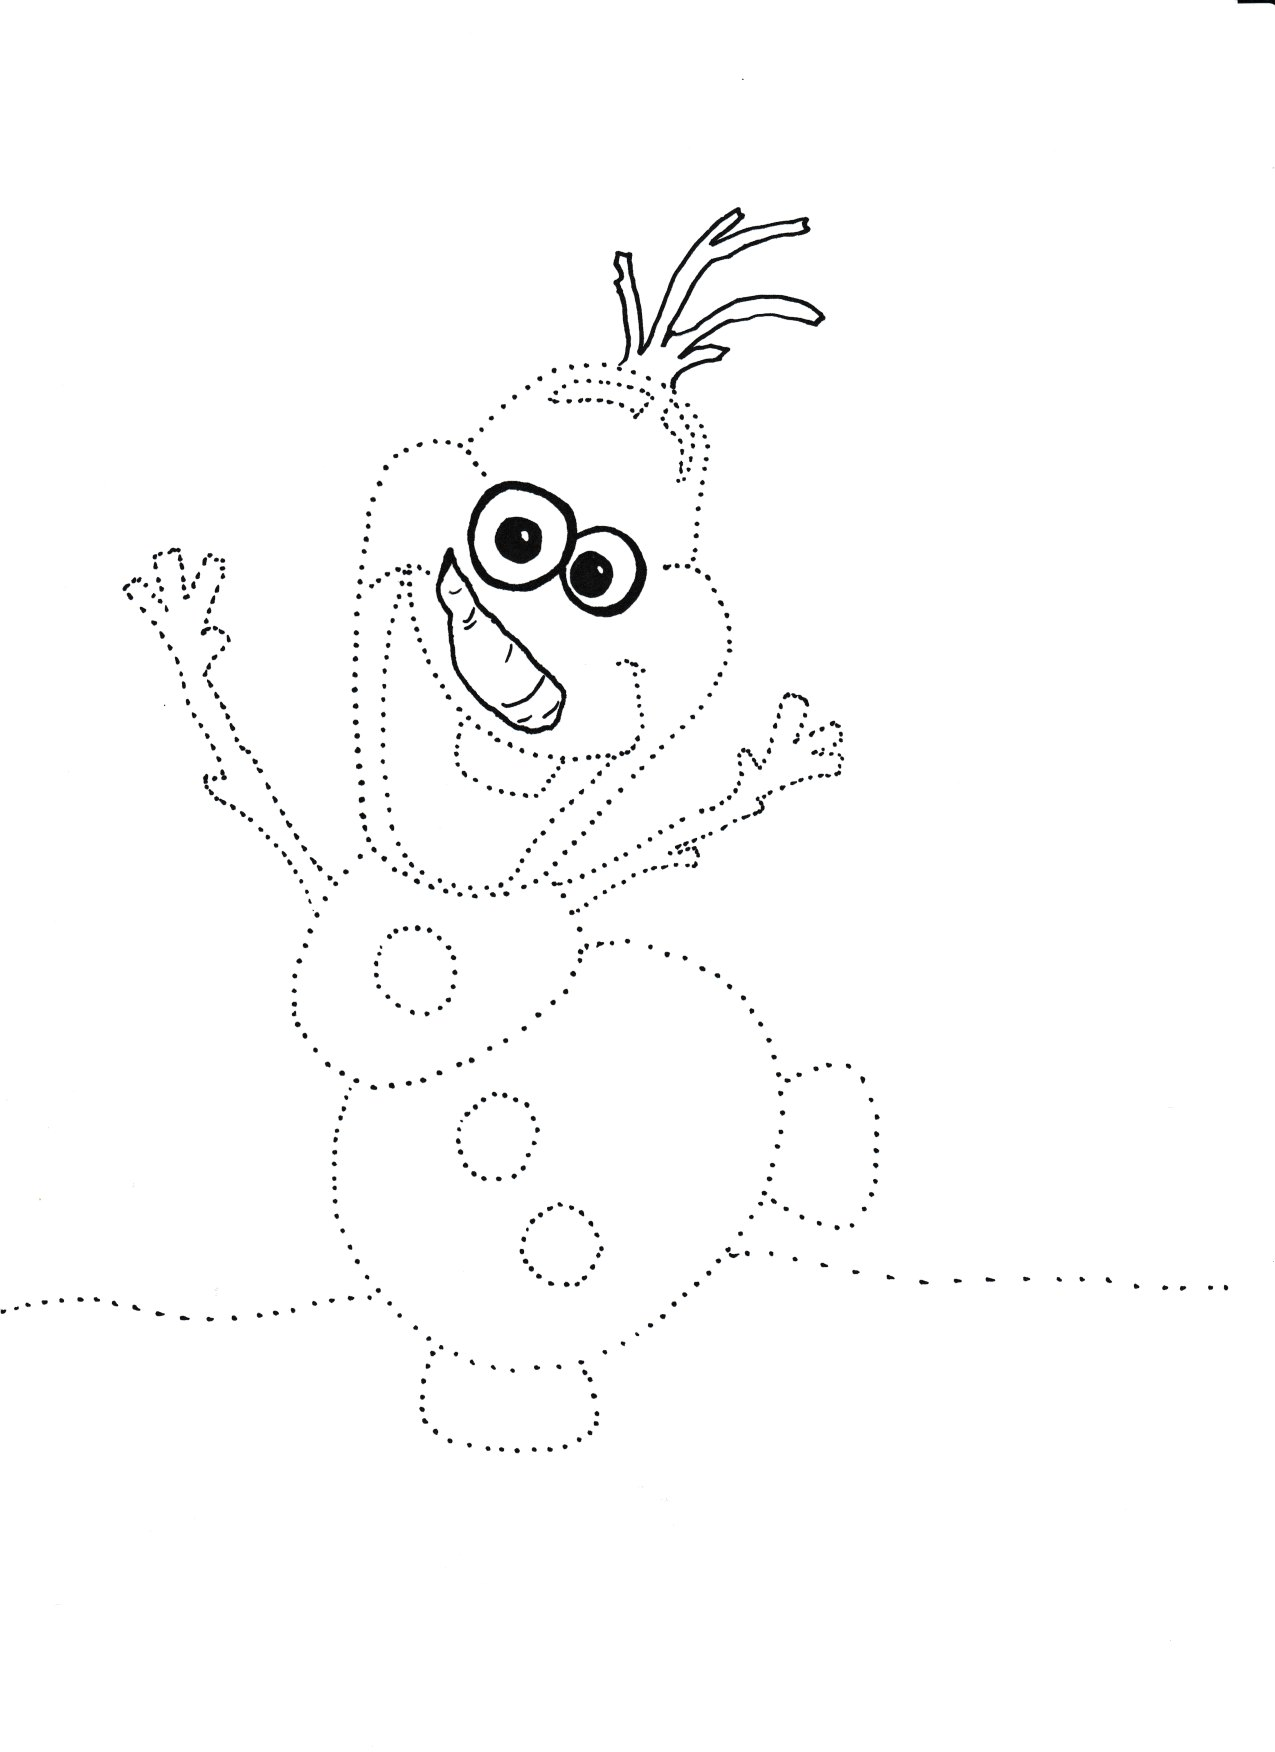 Balwan Olaf Grafomotoryka I Nauka Rysowania Moje Dzieci Kreatywnie Olaf Handcraft Crafts For Kids